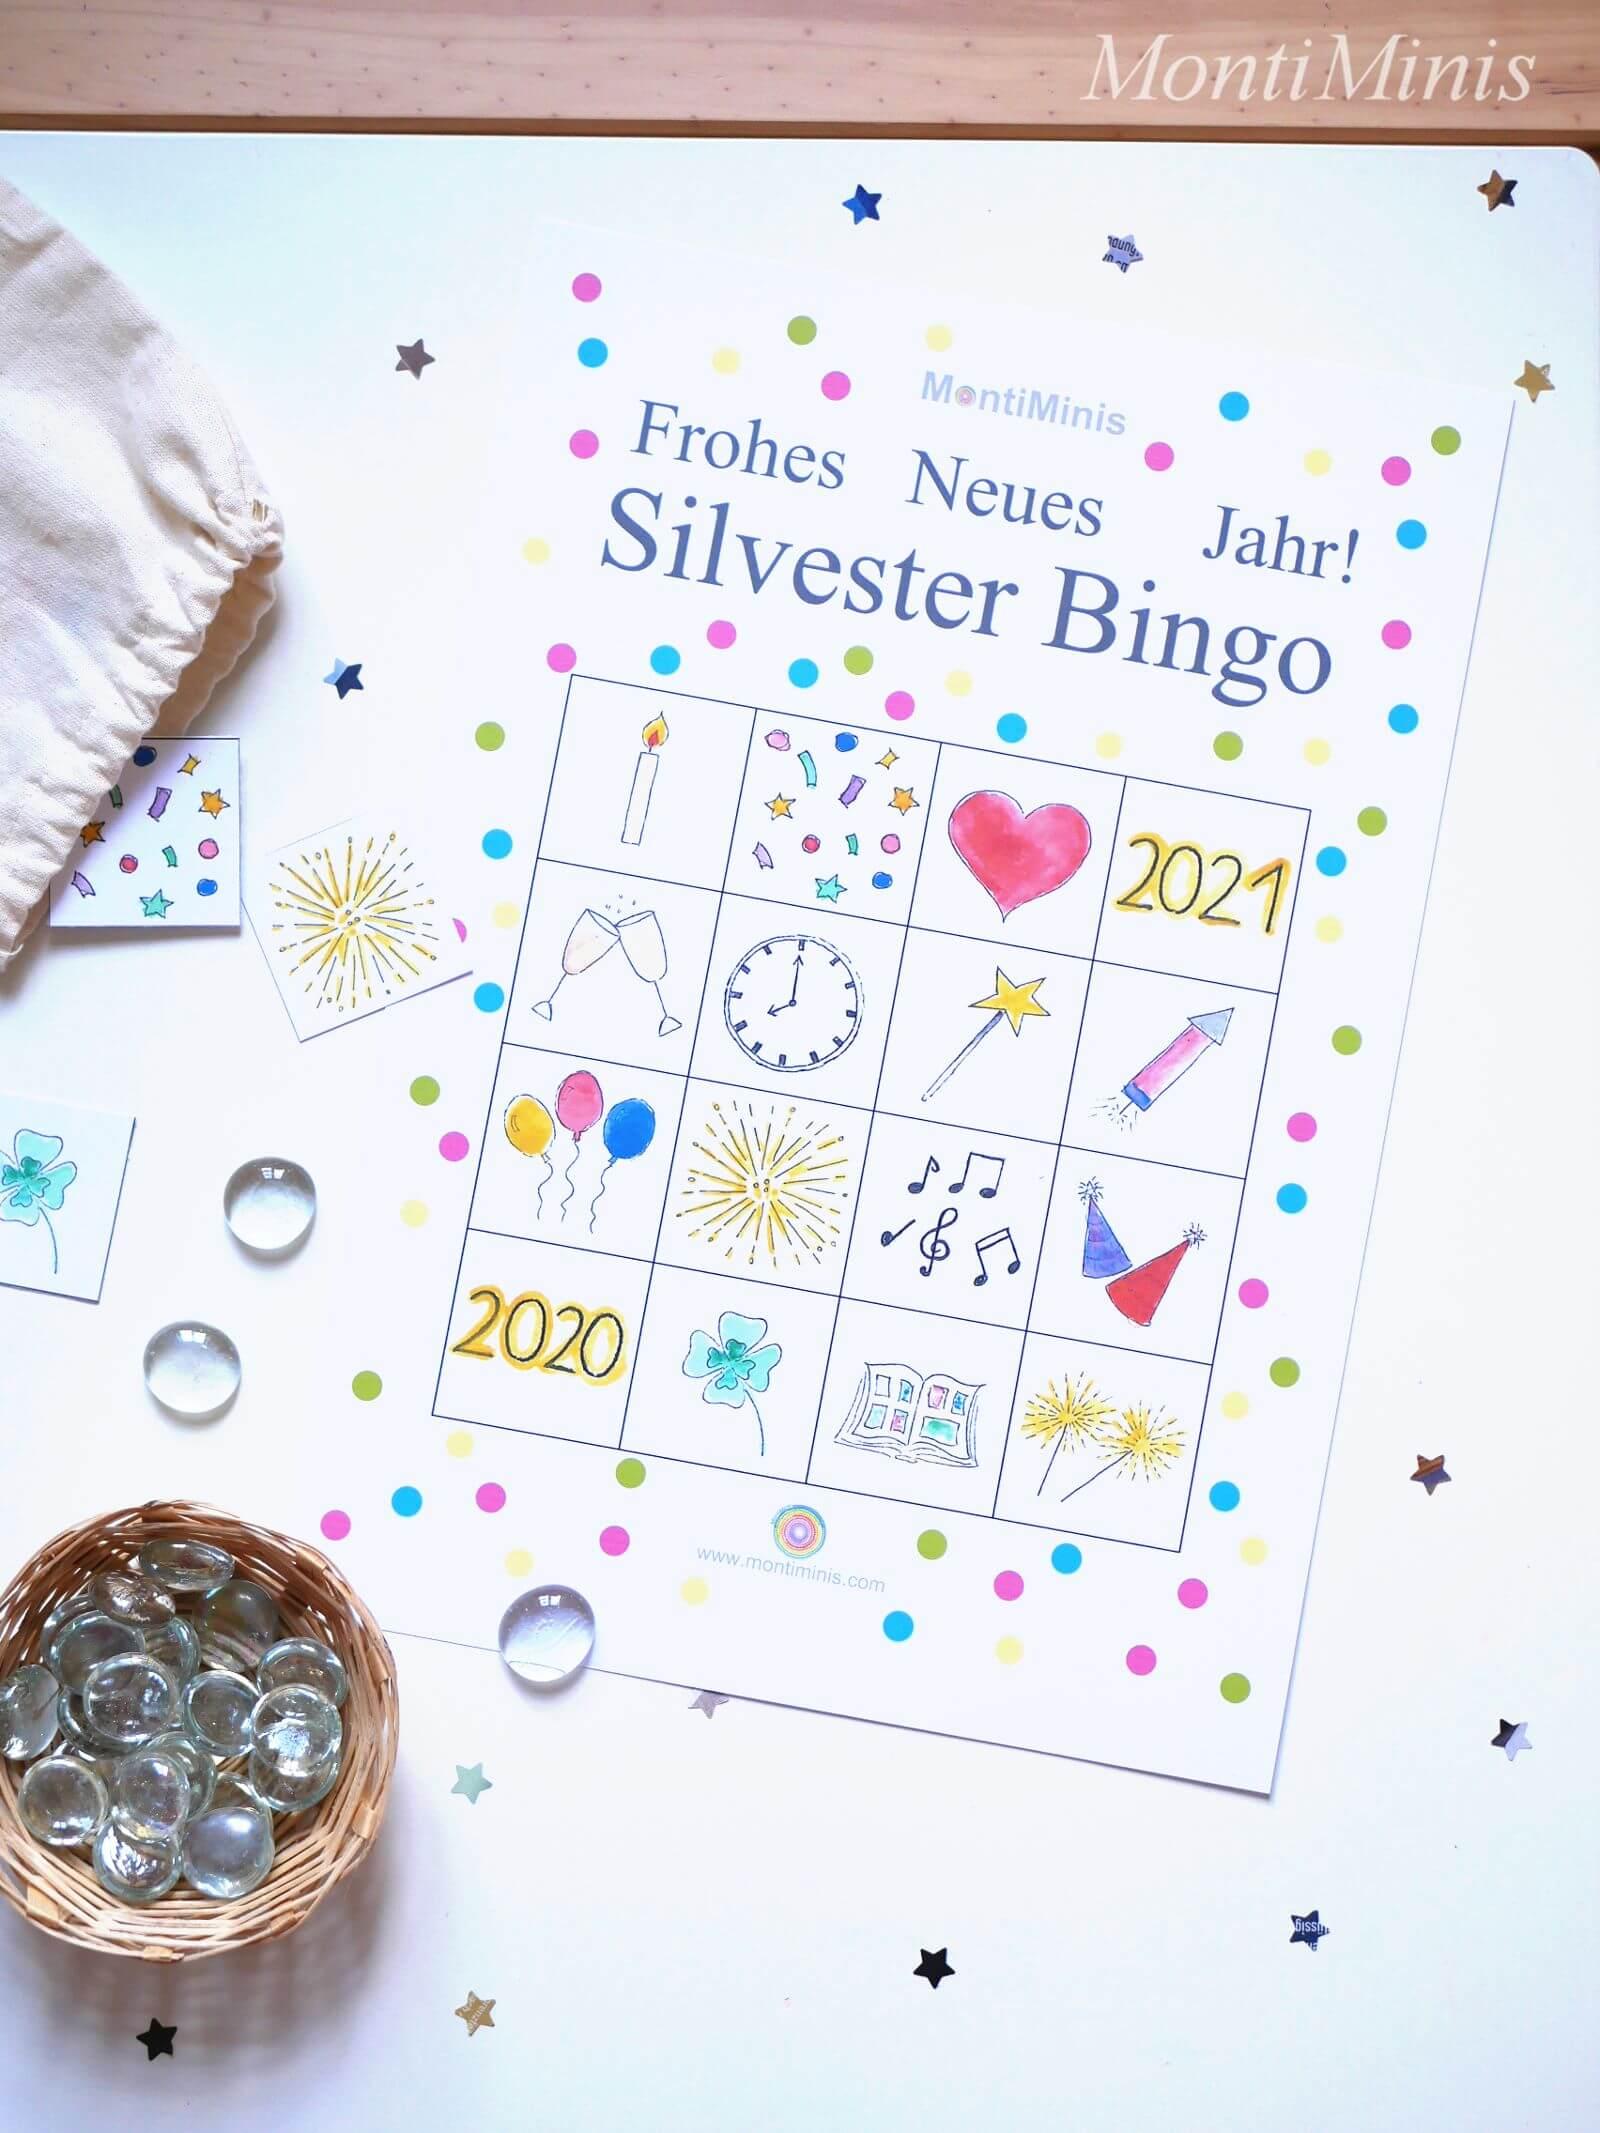 Silvester Countdown Tüten für Kinder - Montiminis Silvester Paket Kostenloser Download - Gratis Druckvorlage, Silvester Bingo, Kinderbingo, Silvester Spielideen - MontiMinis.com